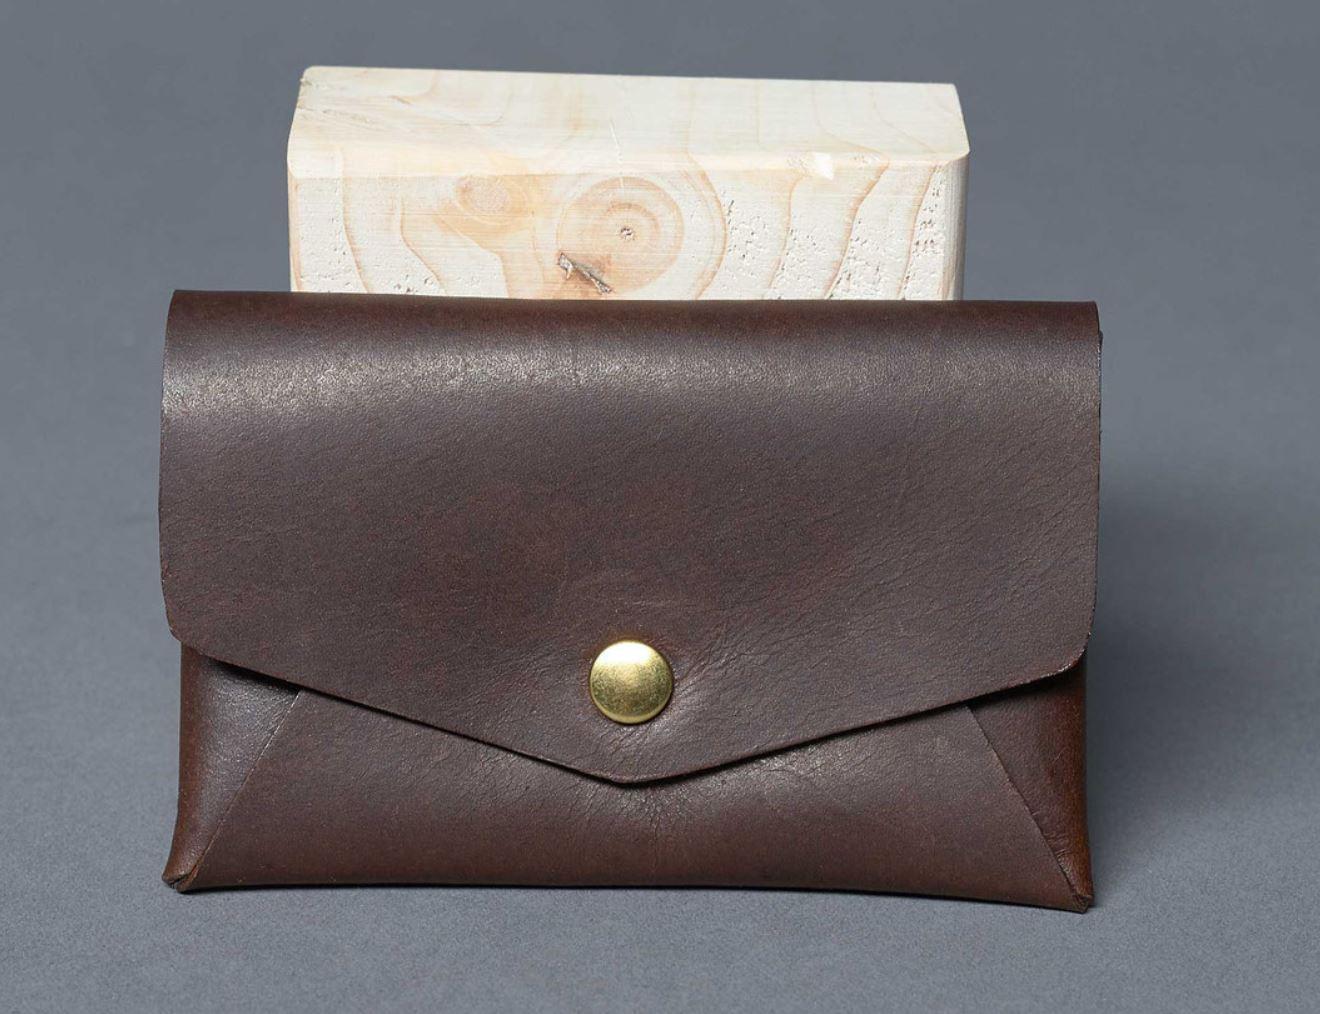 Inspiriert von der japanischen Kunst des Papierfaltens ist dieses kleine Portemonnaie aus nur einem einzigen Stück Olivenleder handgefertigt. Ein Innenfach bietet Platz für Karten und Bargeld. Das Origami Wallet überzeugt durch minimalistisches Design kombiniert mit traditioneller Handwerkskunst.